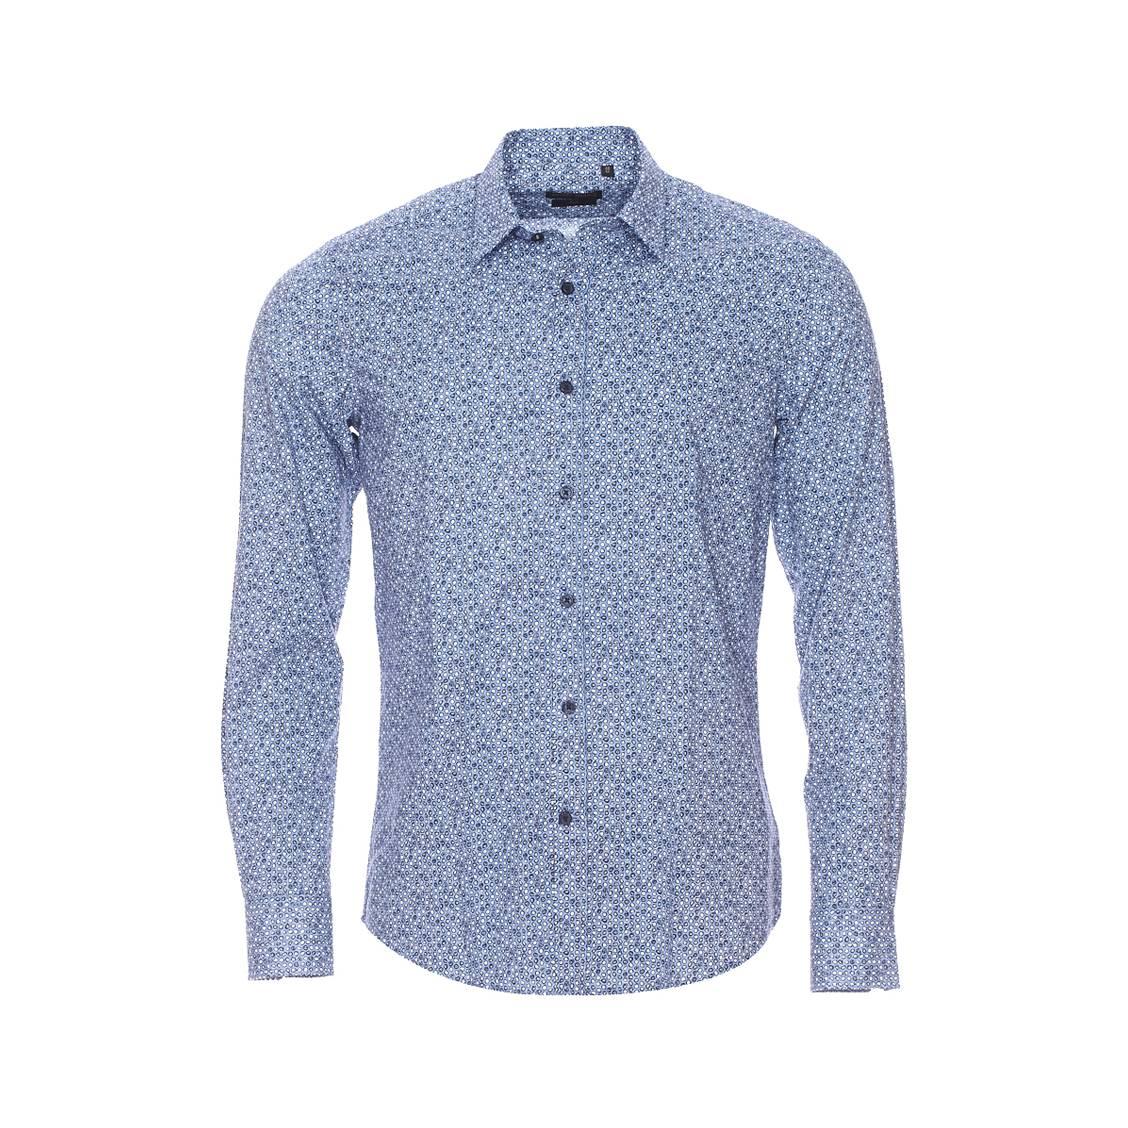 Chemise cintrée  en coton bleu clair à motifs ronds bleu marine et blancs